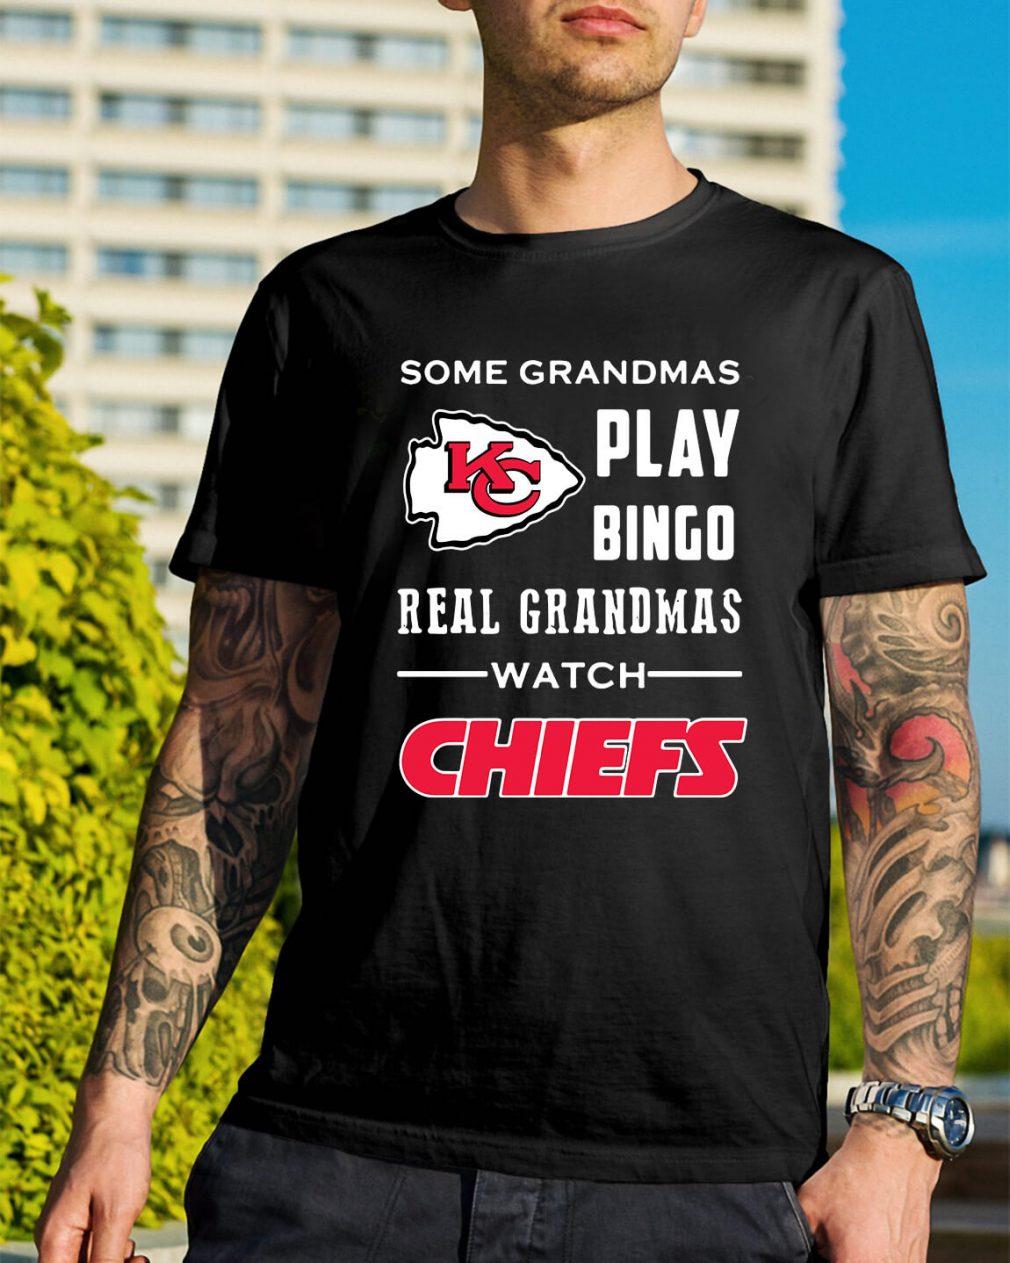 Some grandmas play Bingo real grandmas watch Chiefs shirt